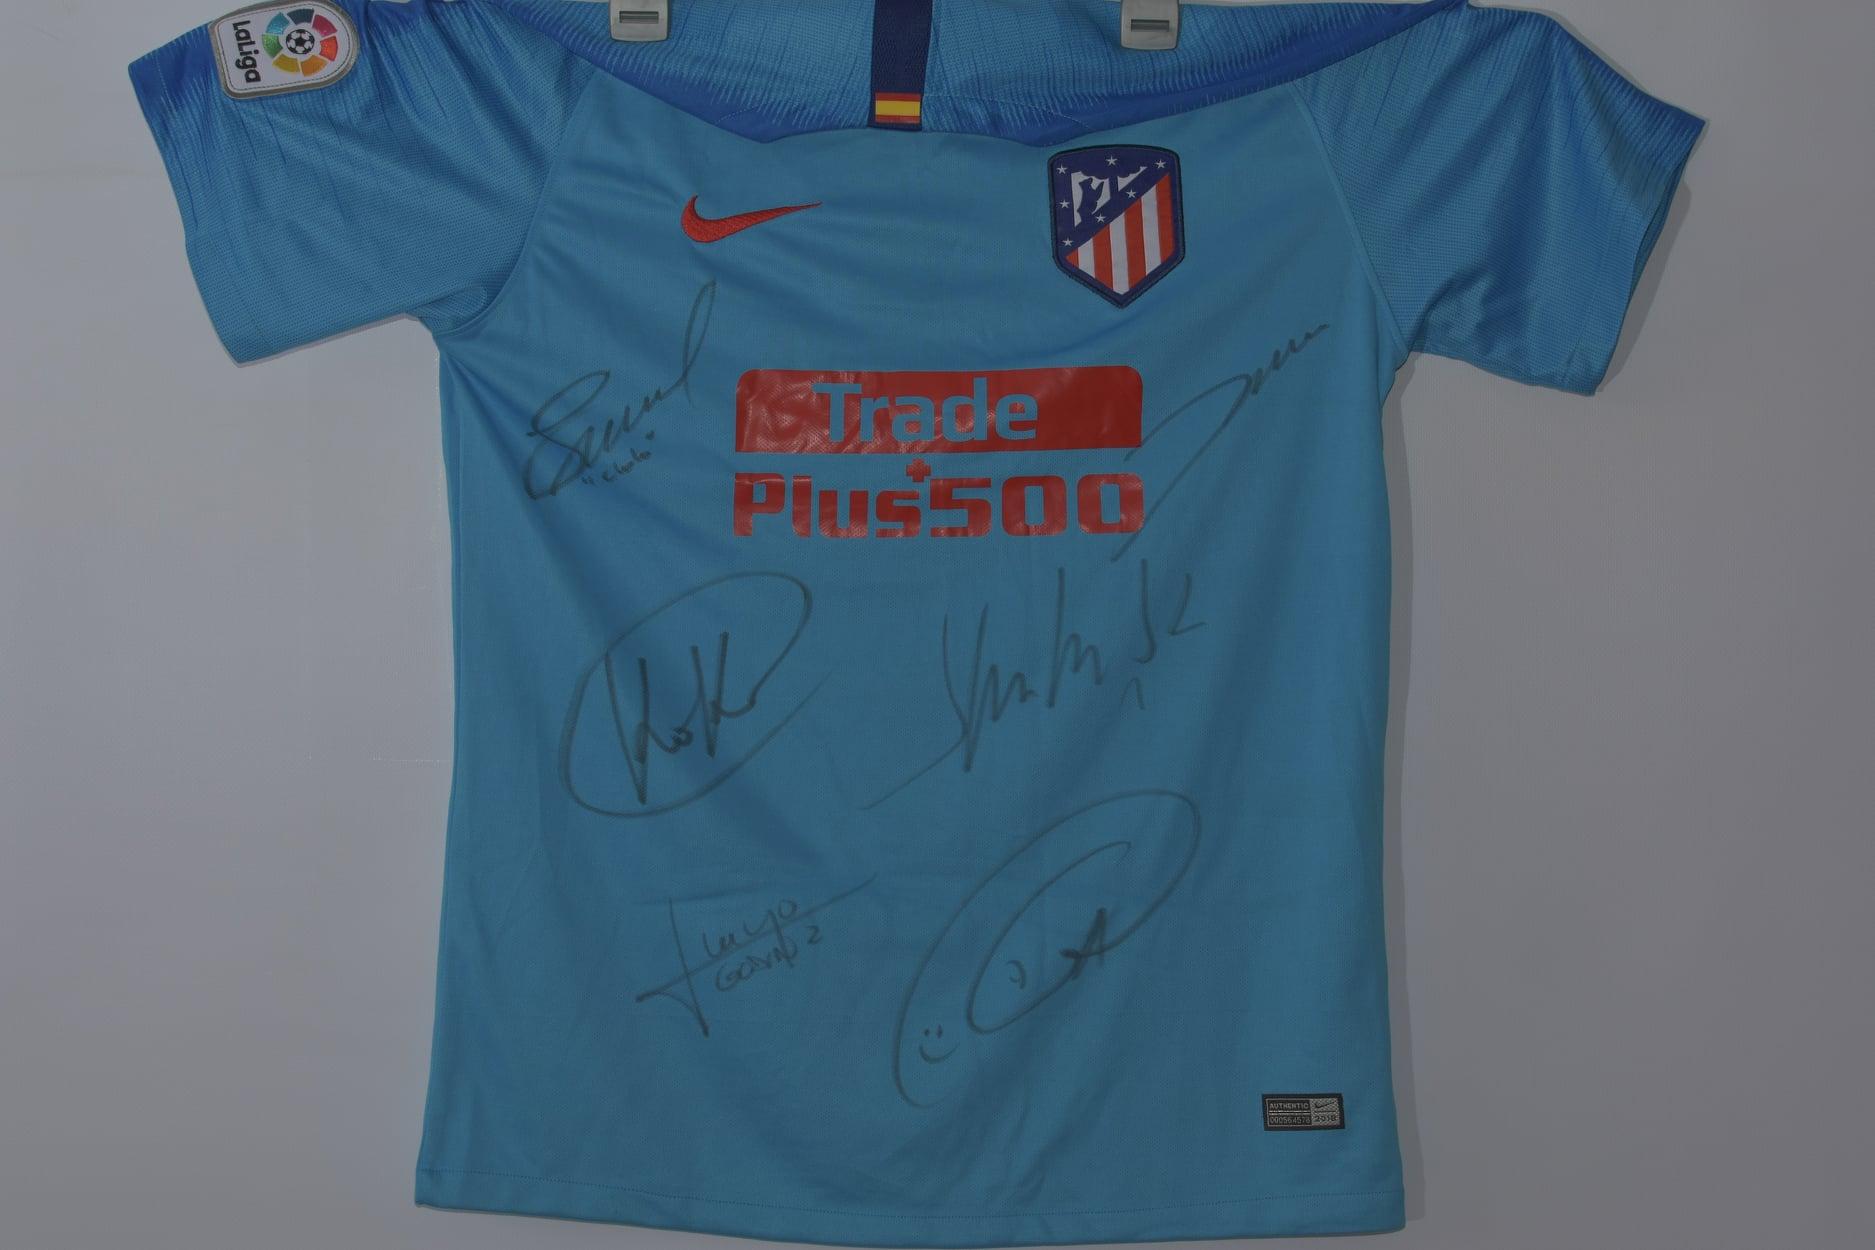 Tricoul lui Koke de la Atletico Madrid, sau cel al lui Dan Petrescu, la Națională, de la 3000 de lei. Licitație pentru copiii cu autism